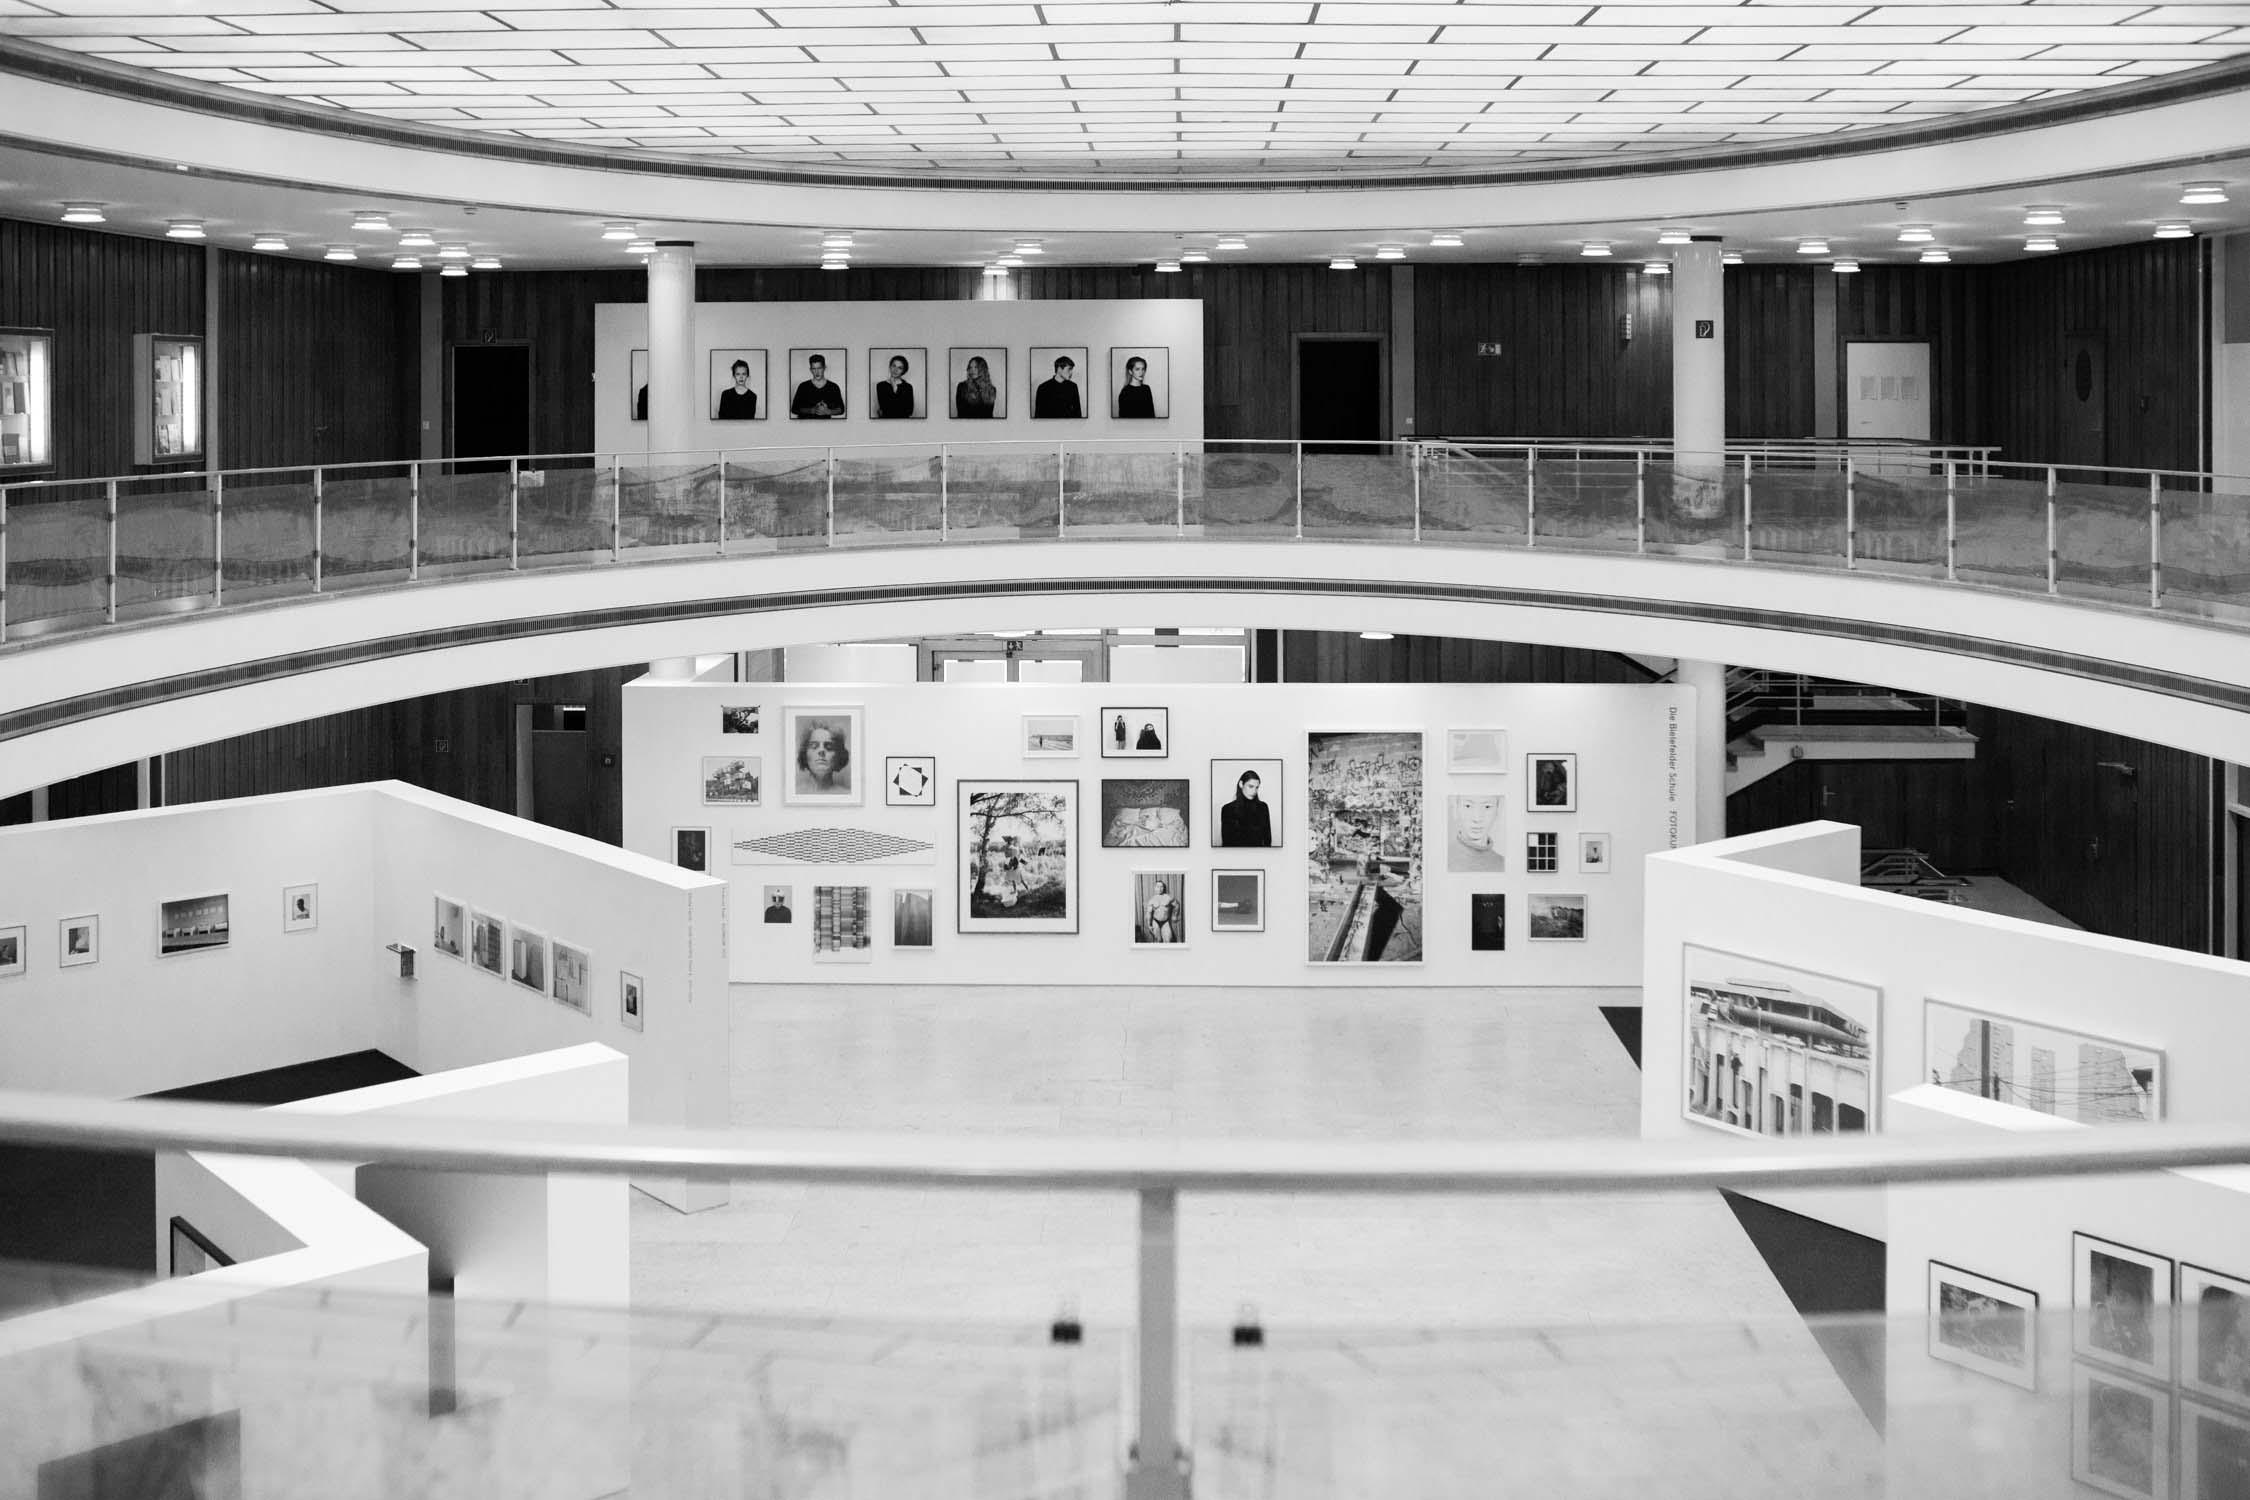 die bielefelder schule ausstellungsraum bilder vernissage ansicht architektur ausstellung bielefeld fh gestaltung jörn strojny